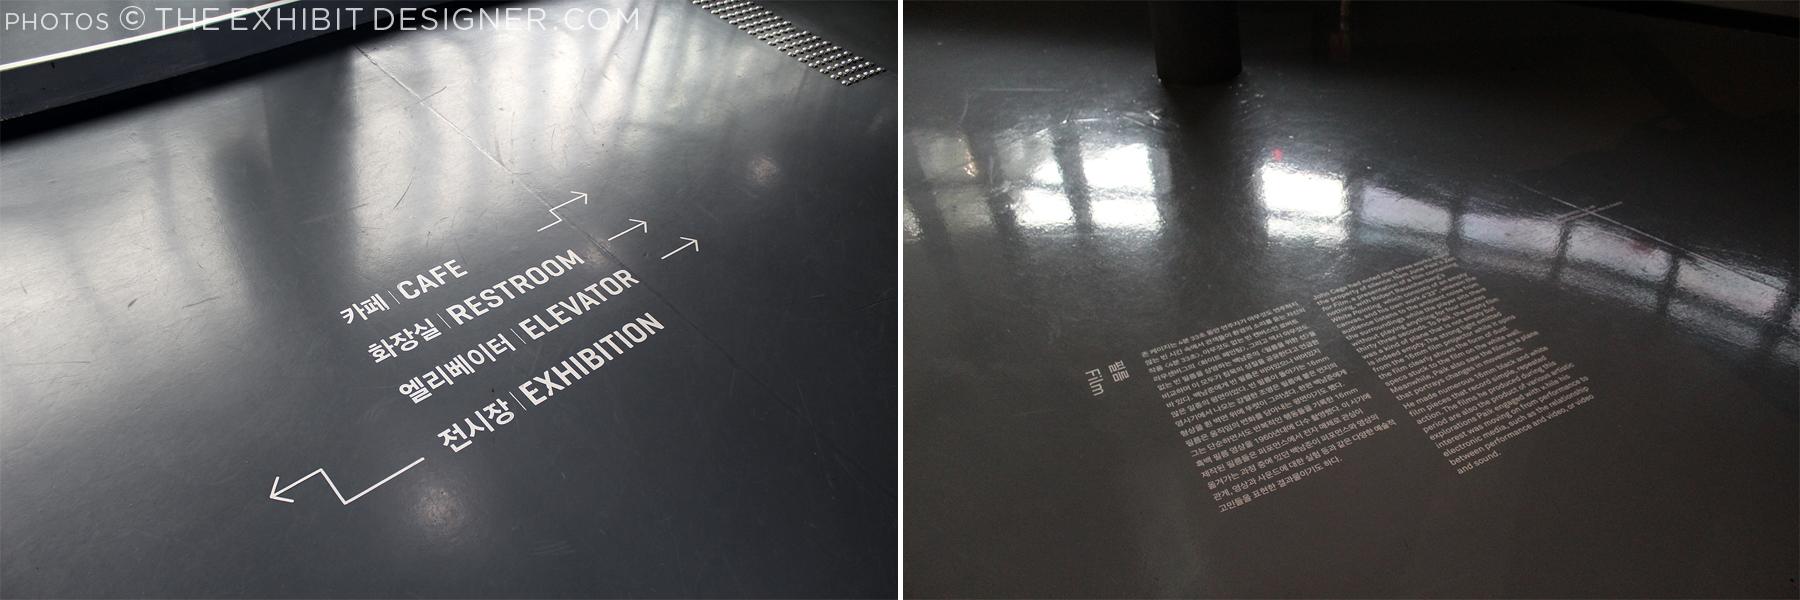 theexhibitdesigner_NamJunePaikCenter-exhibits5